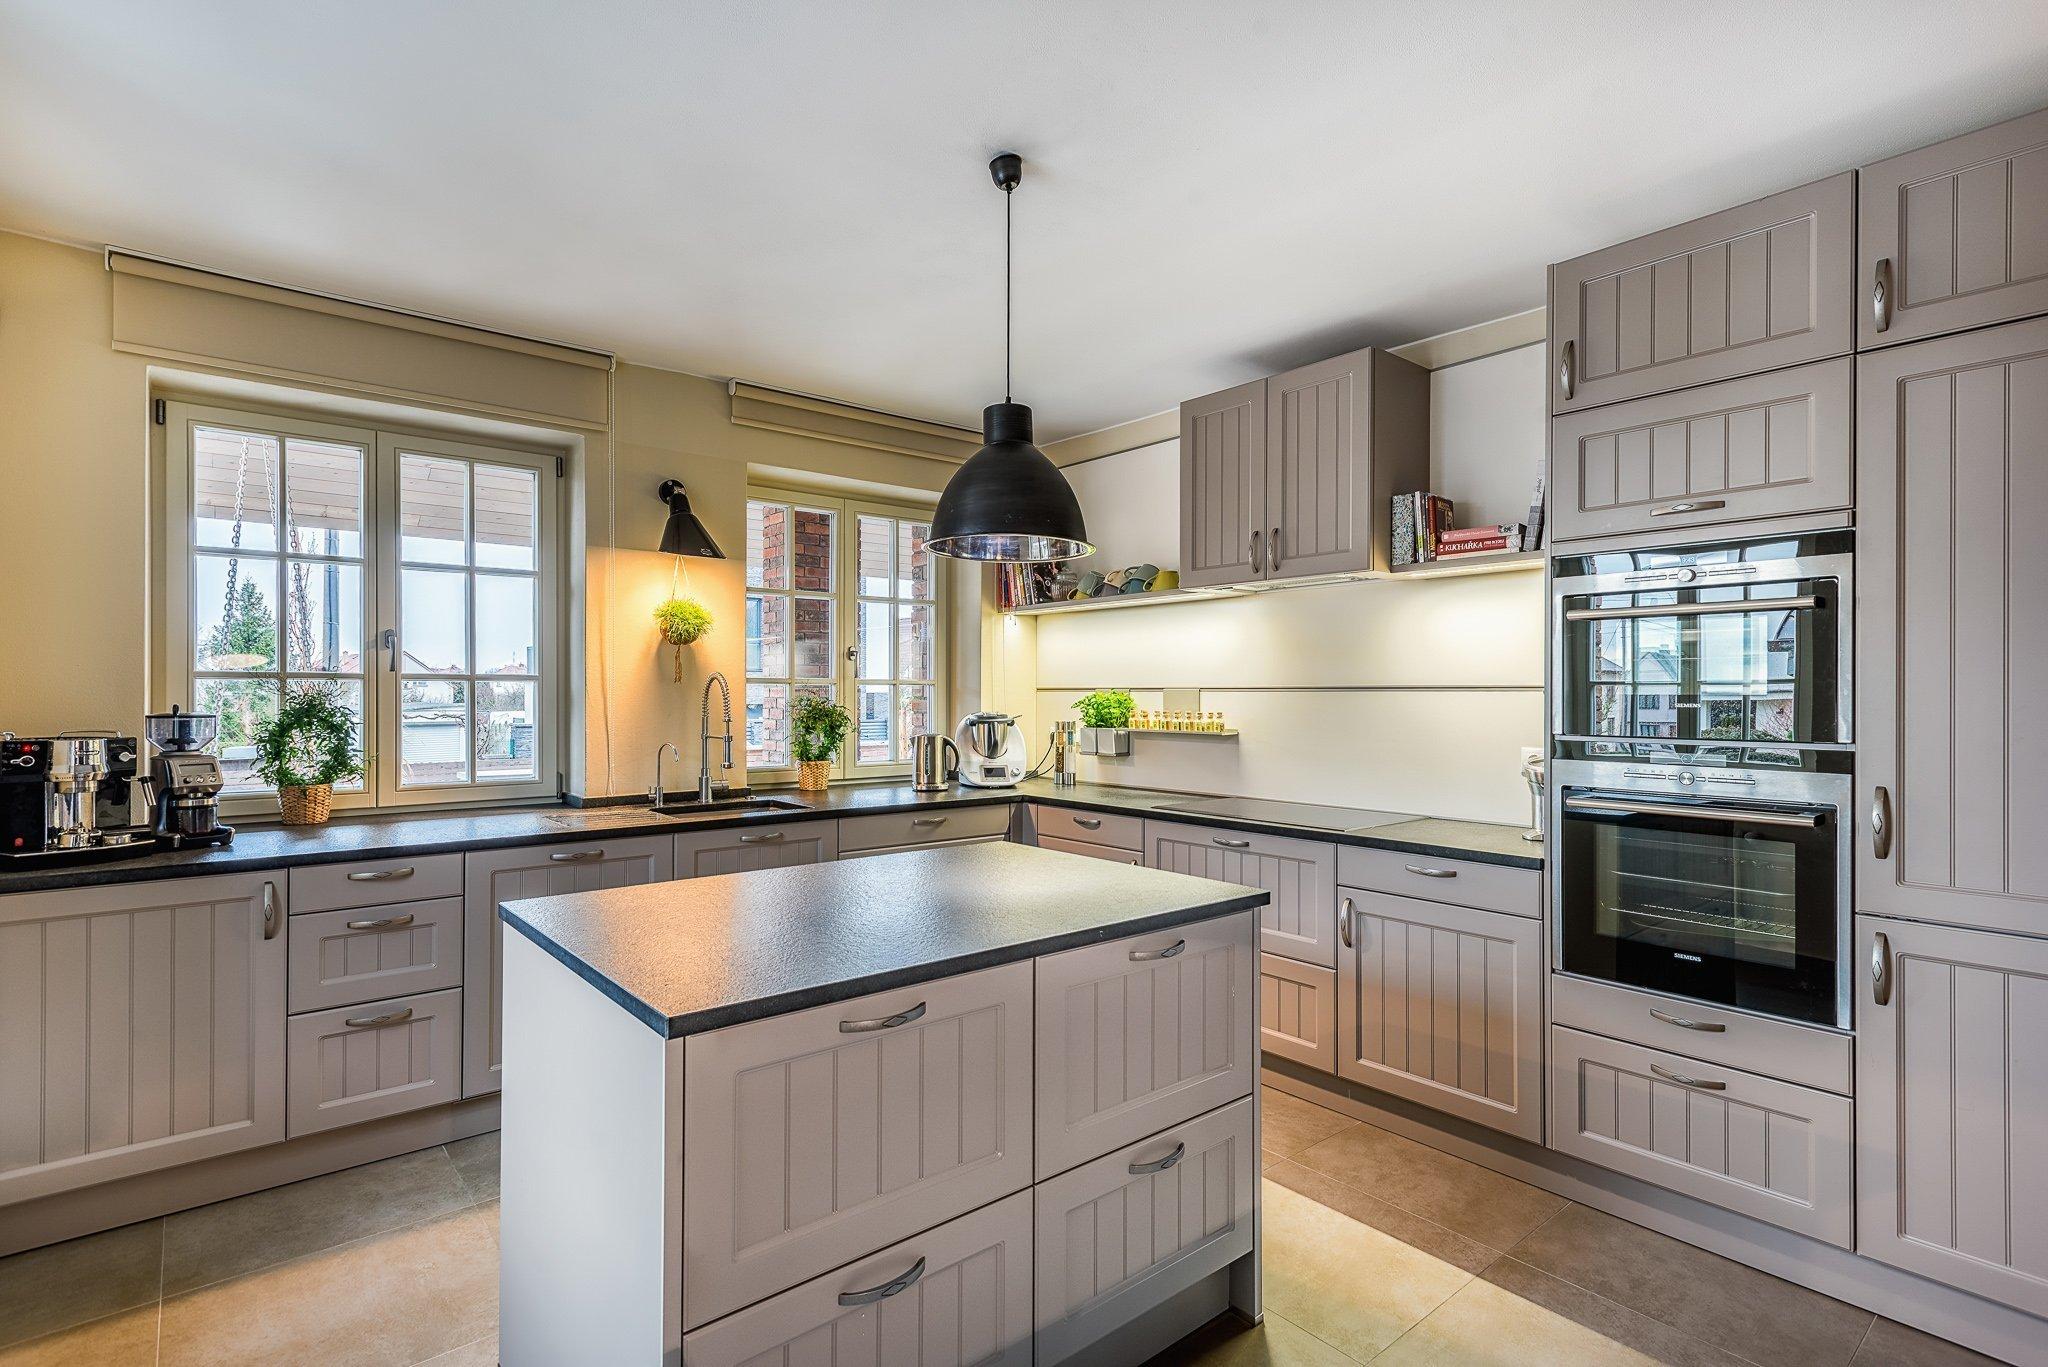 Realizace velmi pěkné rustikální kuchyňské linky s kamennou deskou v rodinném domu v Plzni. Velice dobrá spolupráce s majiteli vedla k tomuto velice pěknému…